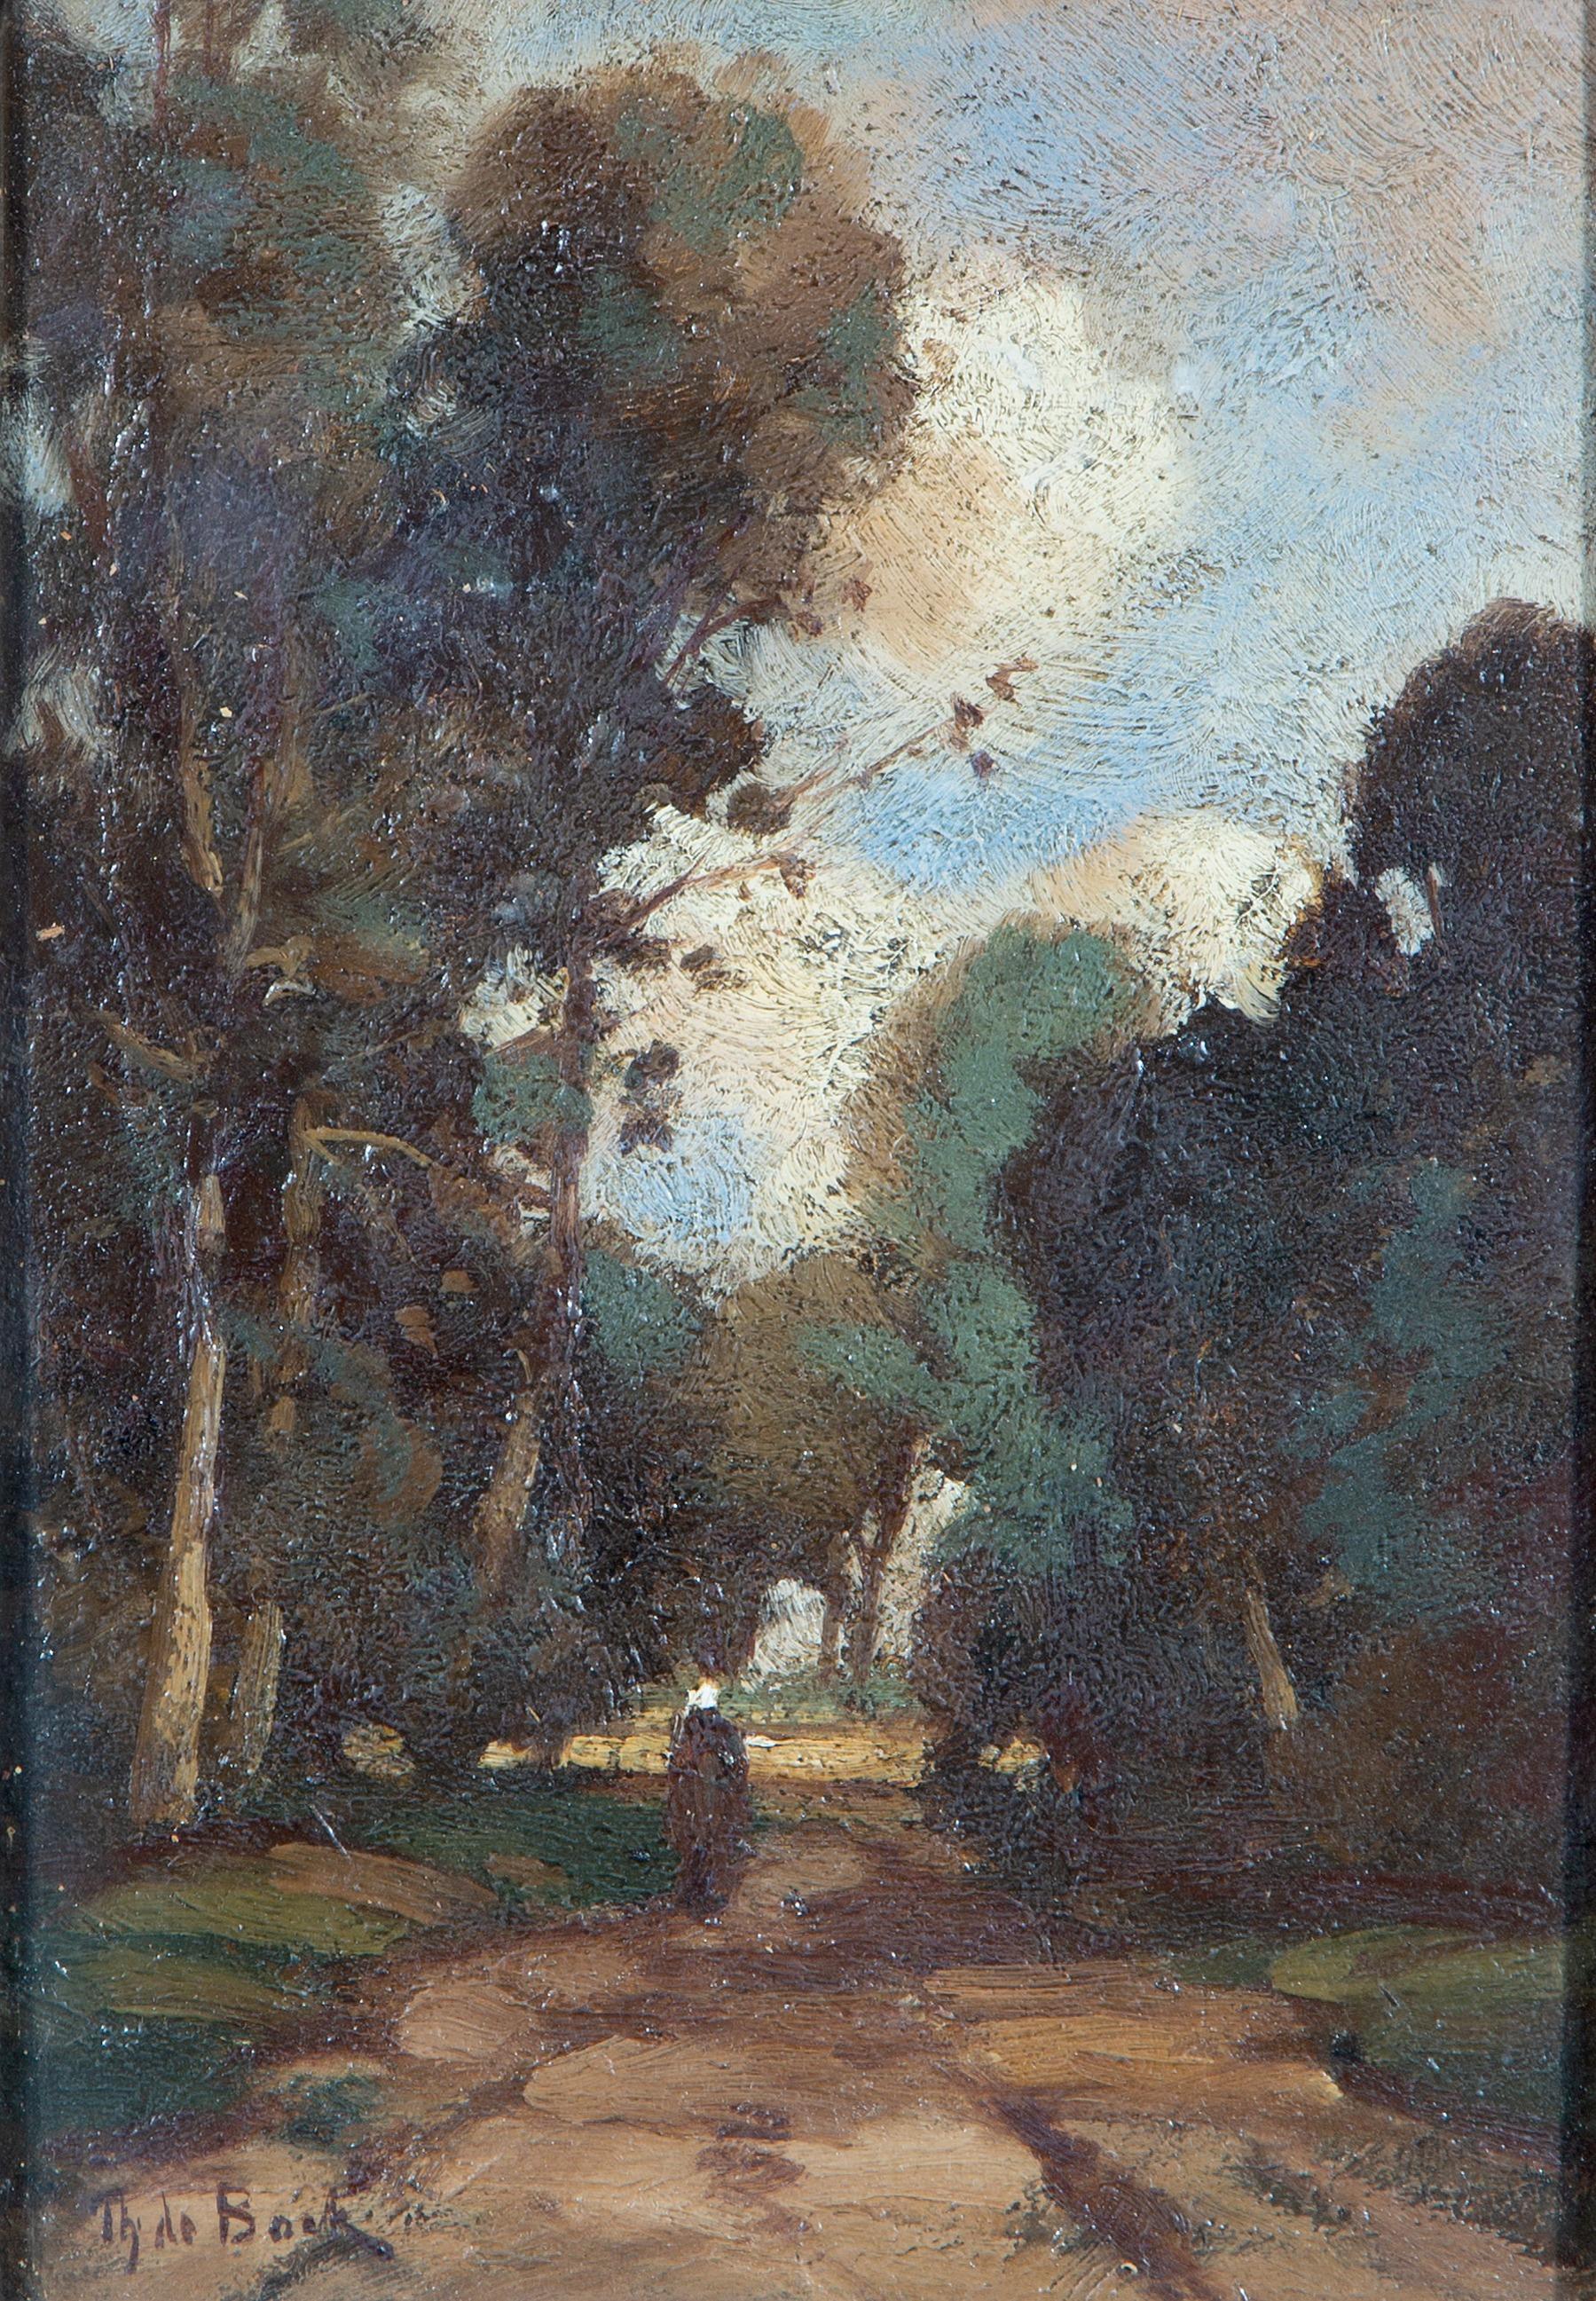 Vrouw op een pad tussen bomen